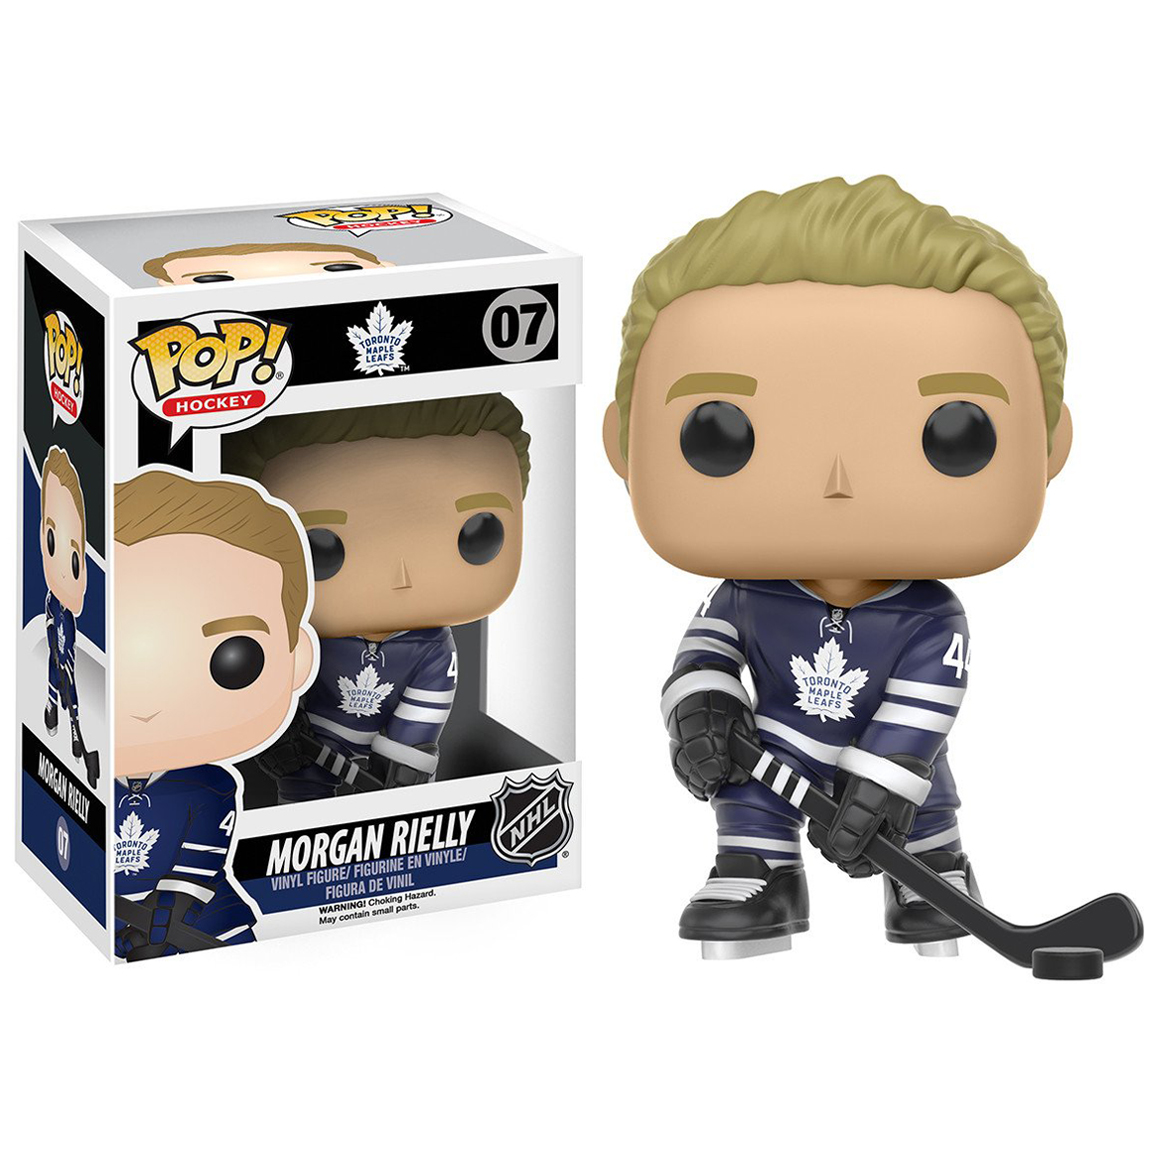 FUNKO POP! NHL: NHL - MORGAN RIELLY